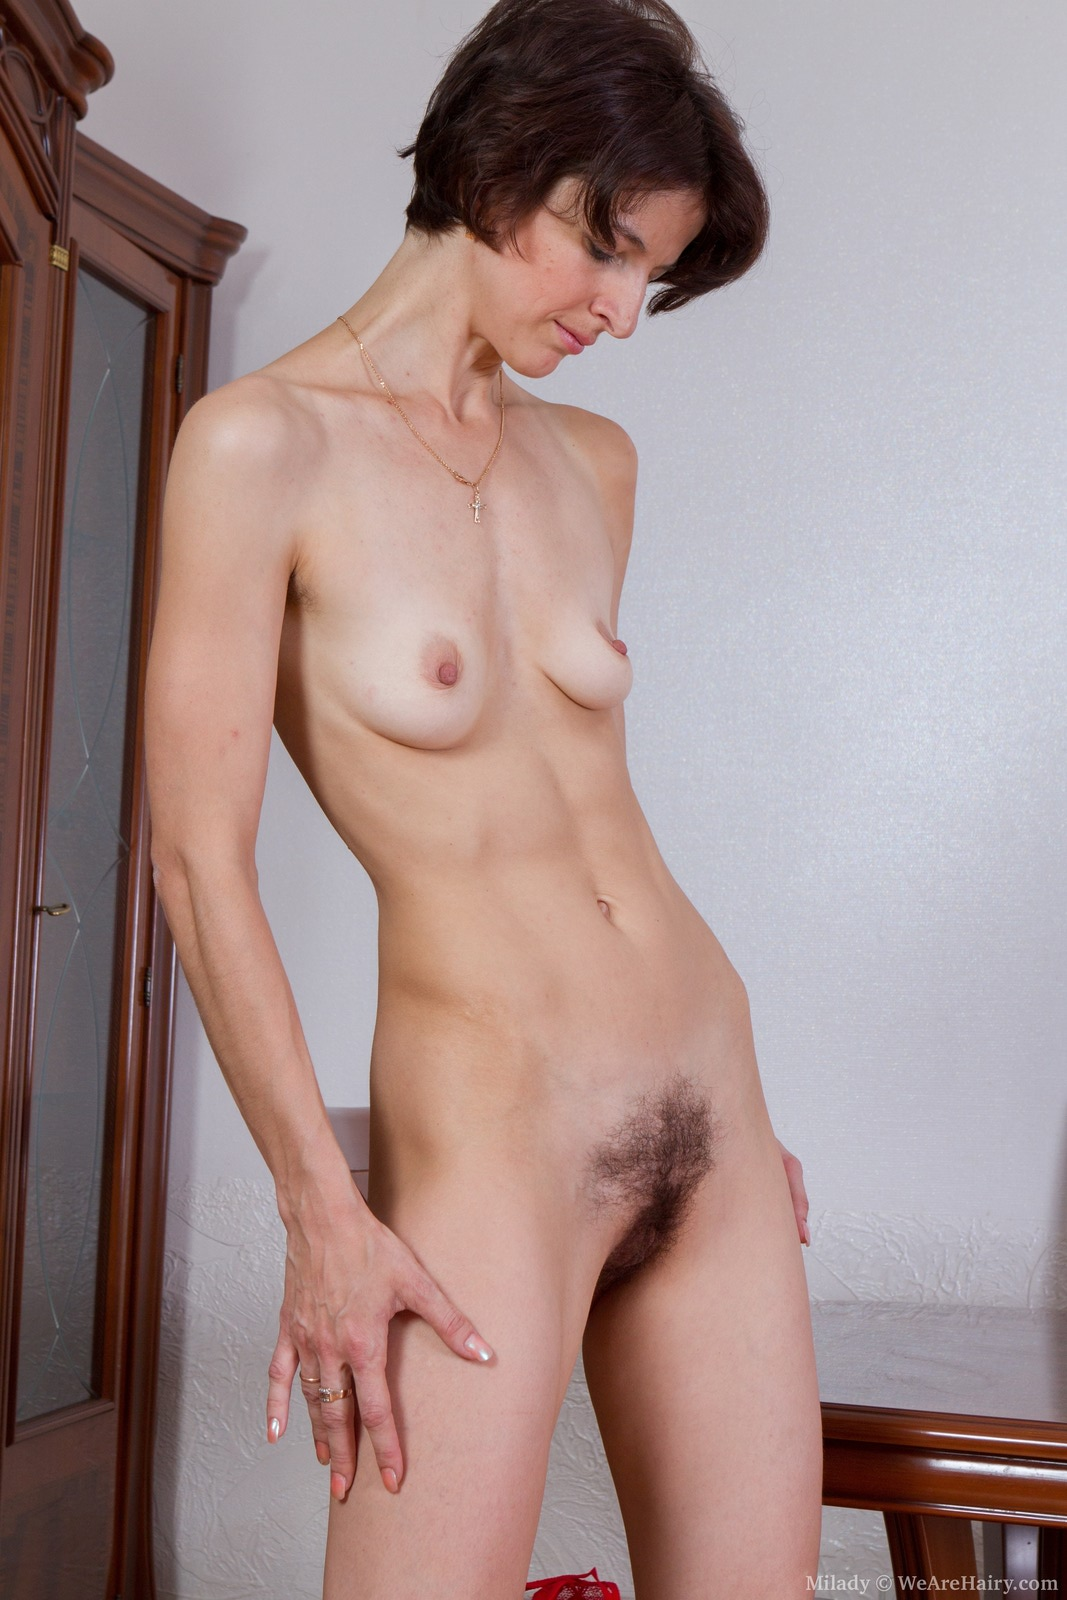 Фото зрелых смаленькой грудью 27 фотография